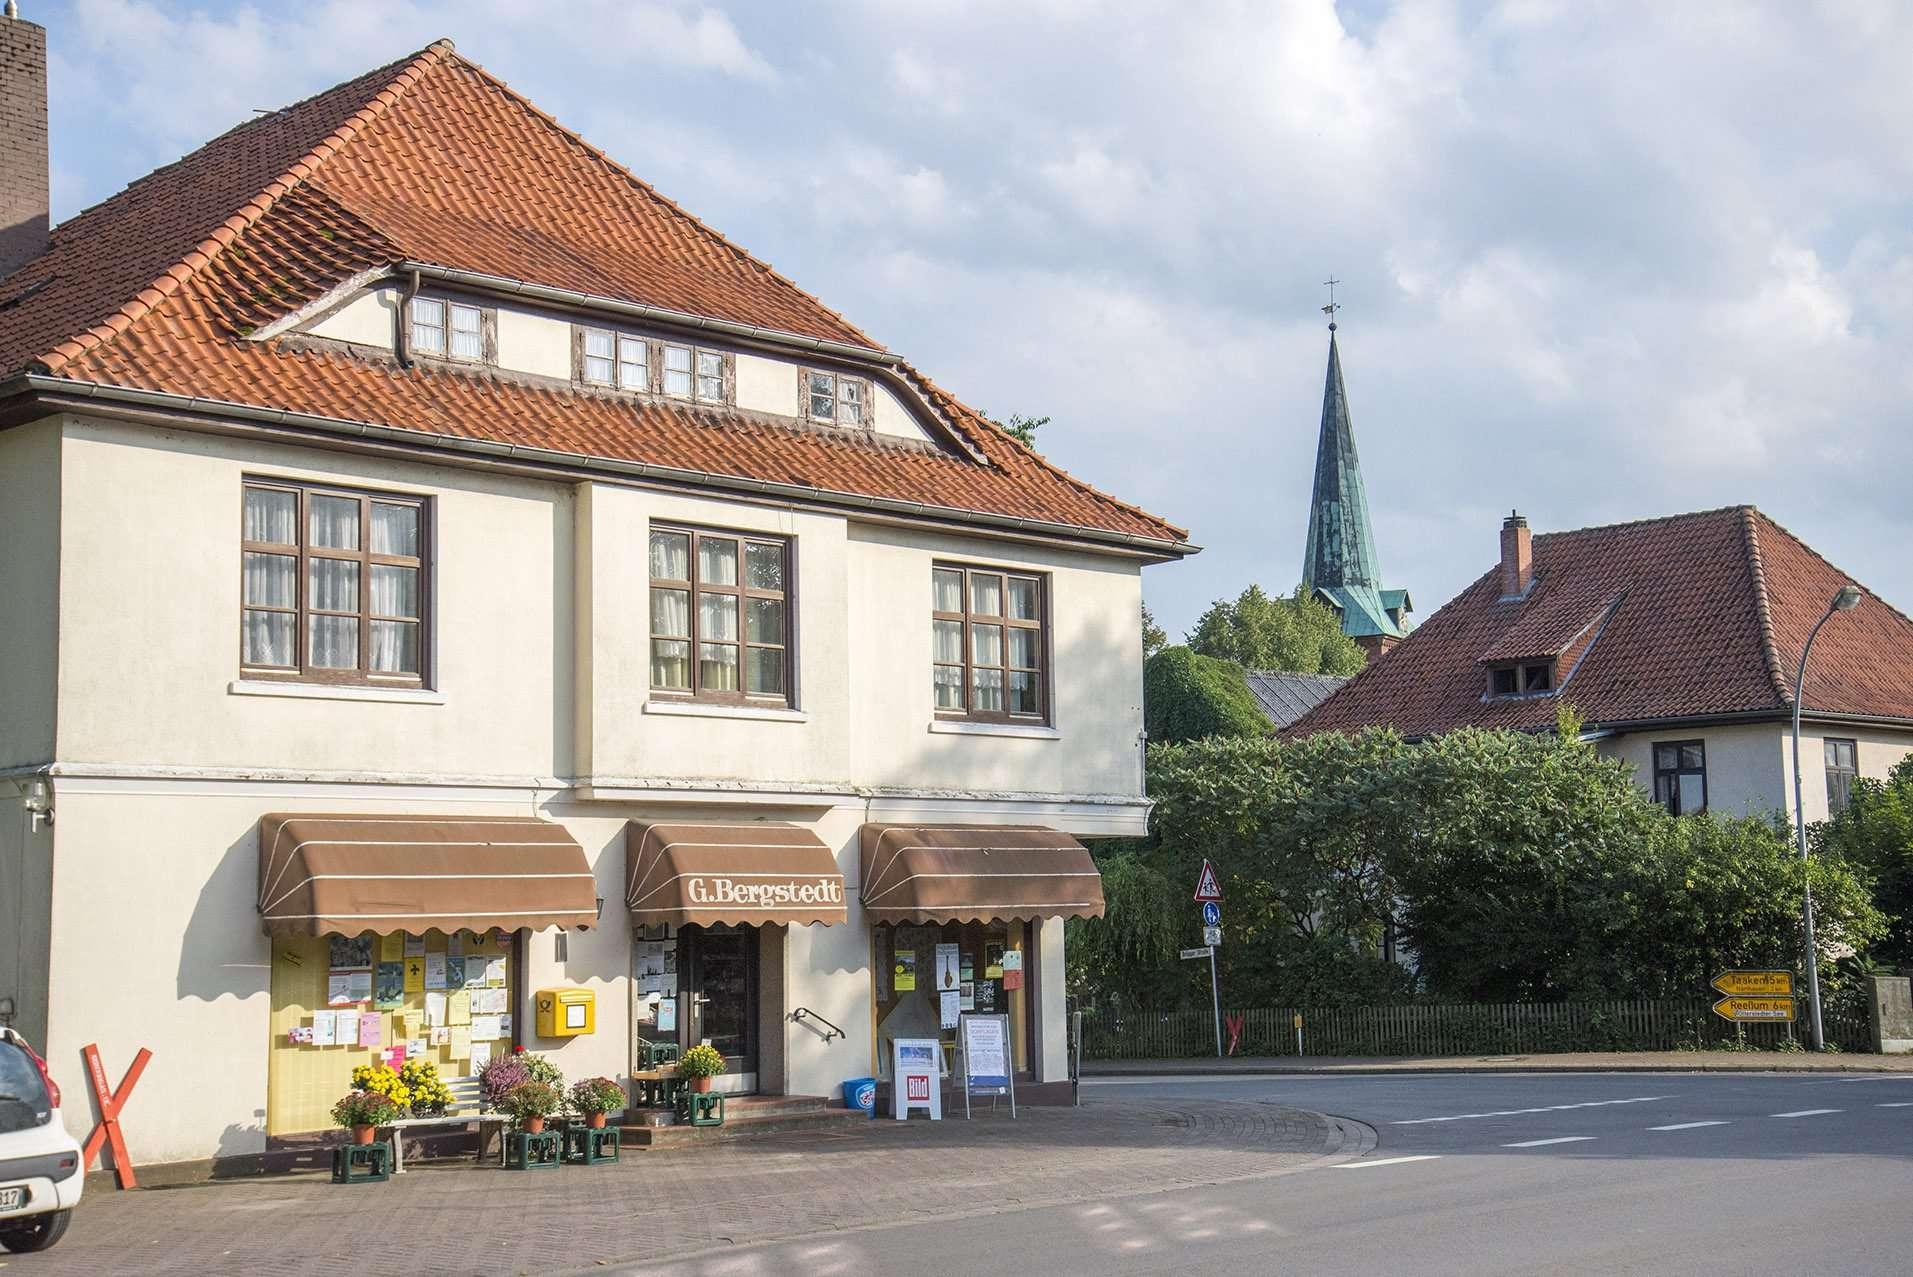 Am 22. August schließt das Kaufhaus Bergstedt seine Türen. Im September beginnt der Umbau zum Dorfladen Otterstedt. Foto: Dietmar Plath